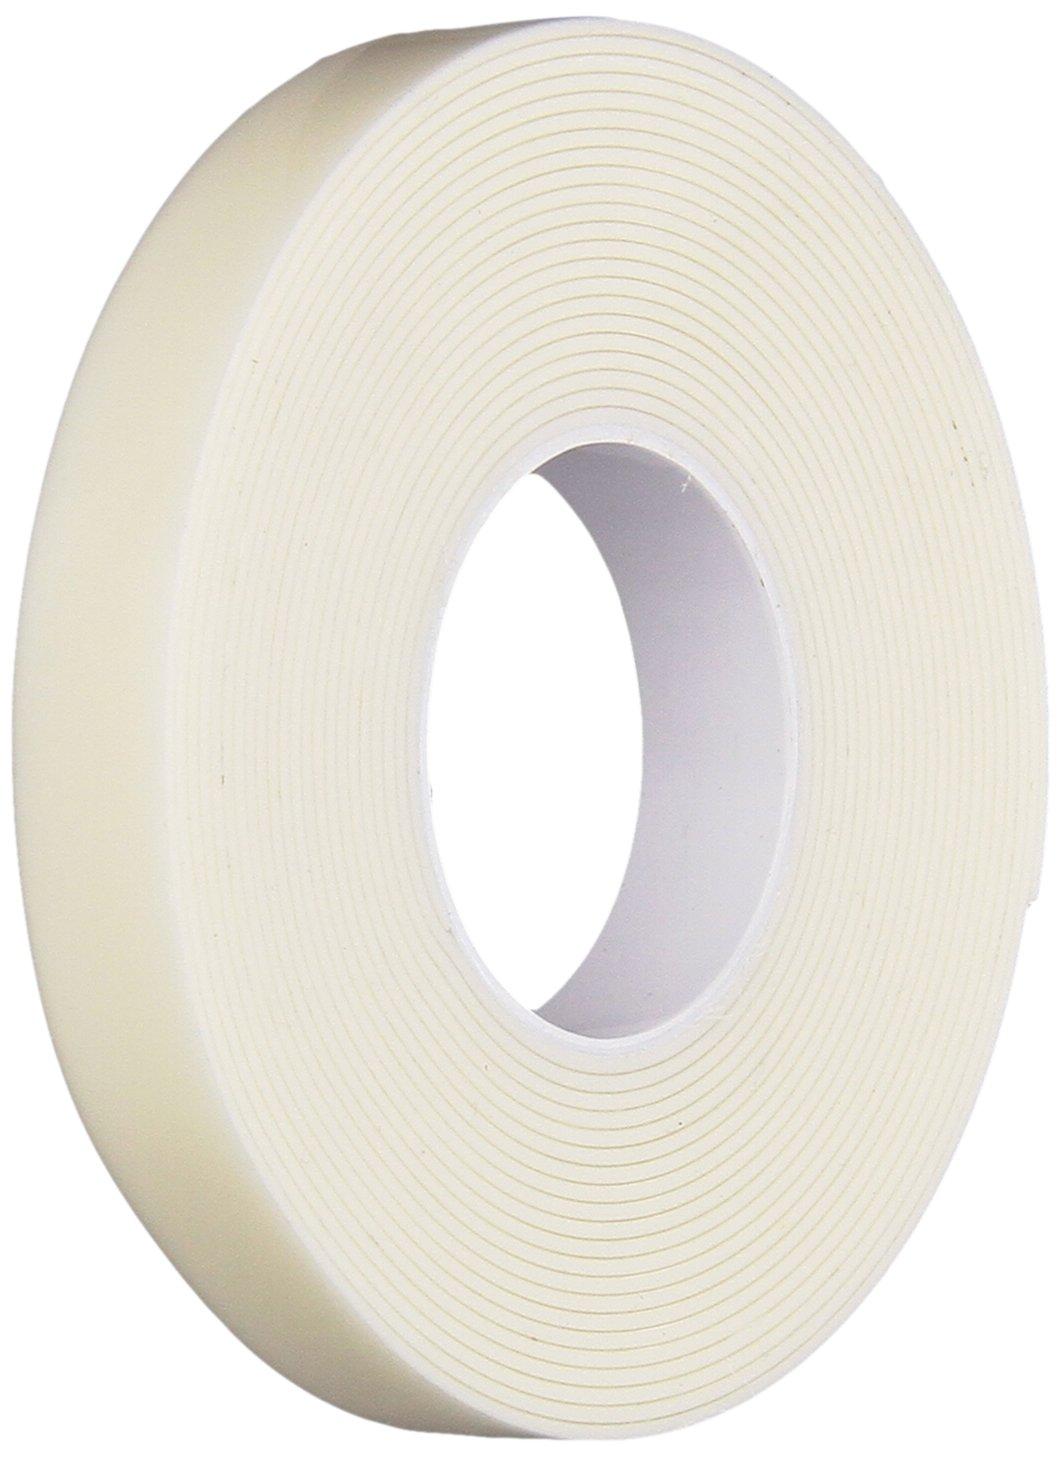 3M VHB Tape 4951, 0.5 in width x 5 yd length (1 Roll)